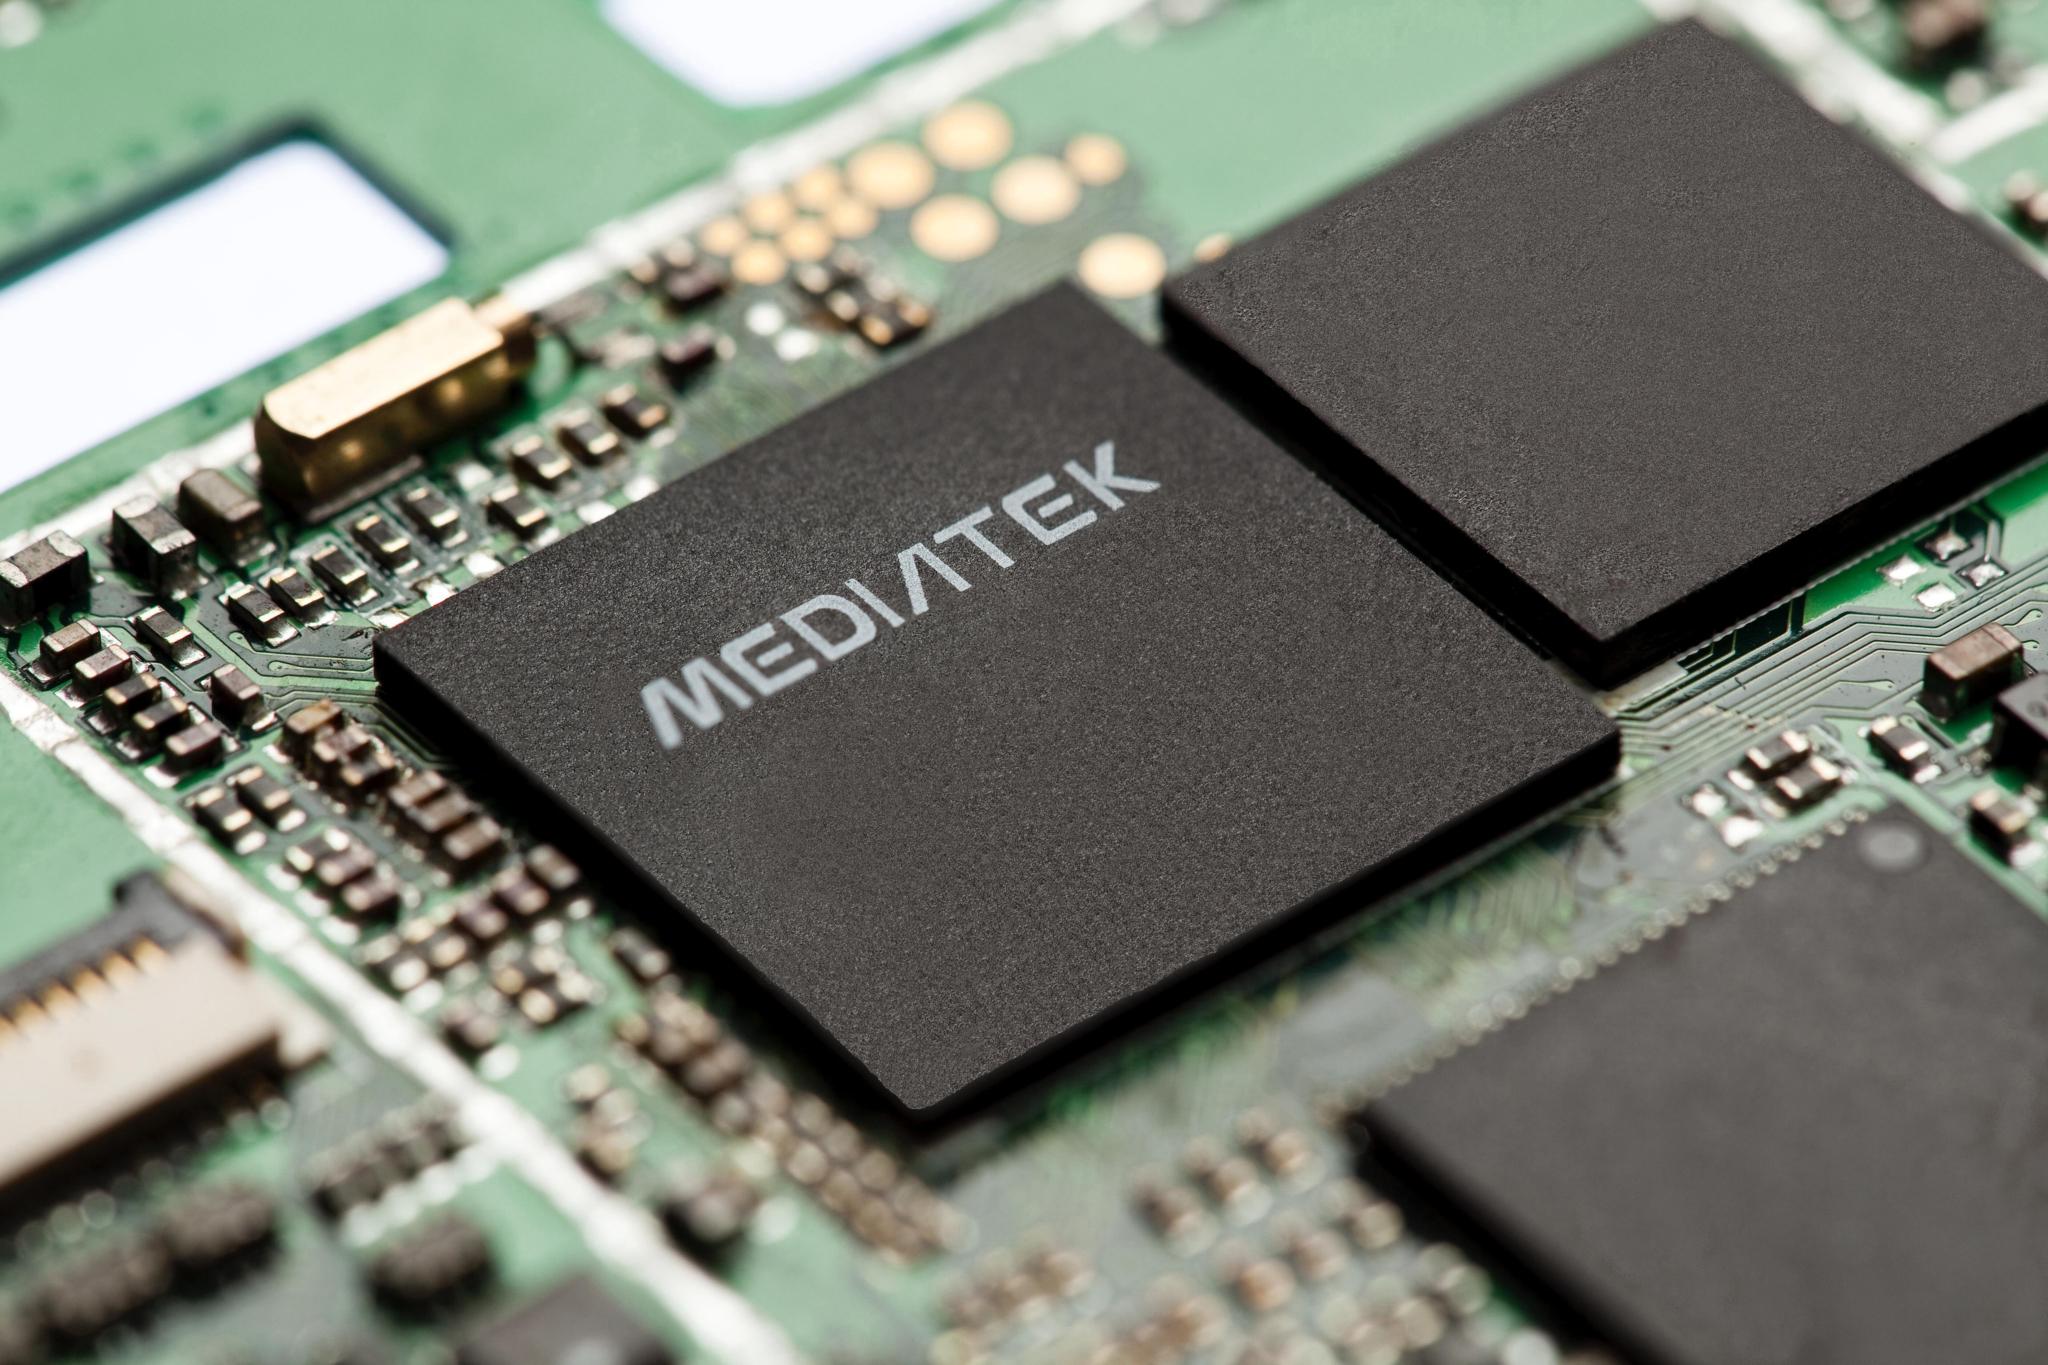 Procesor MediaTek Helio G90 bude zaměřen na mobilní hráče